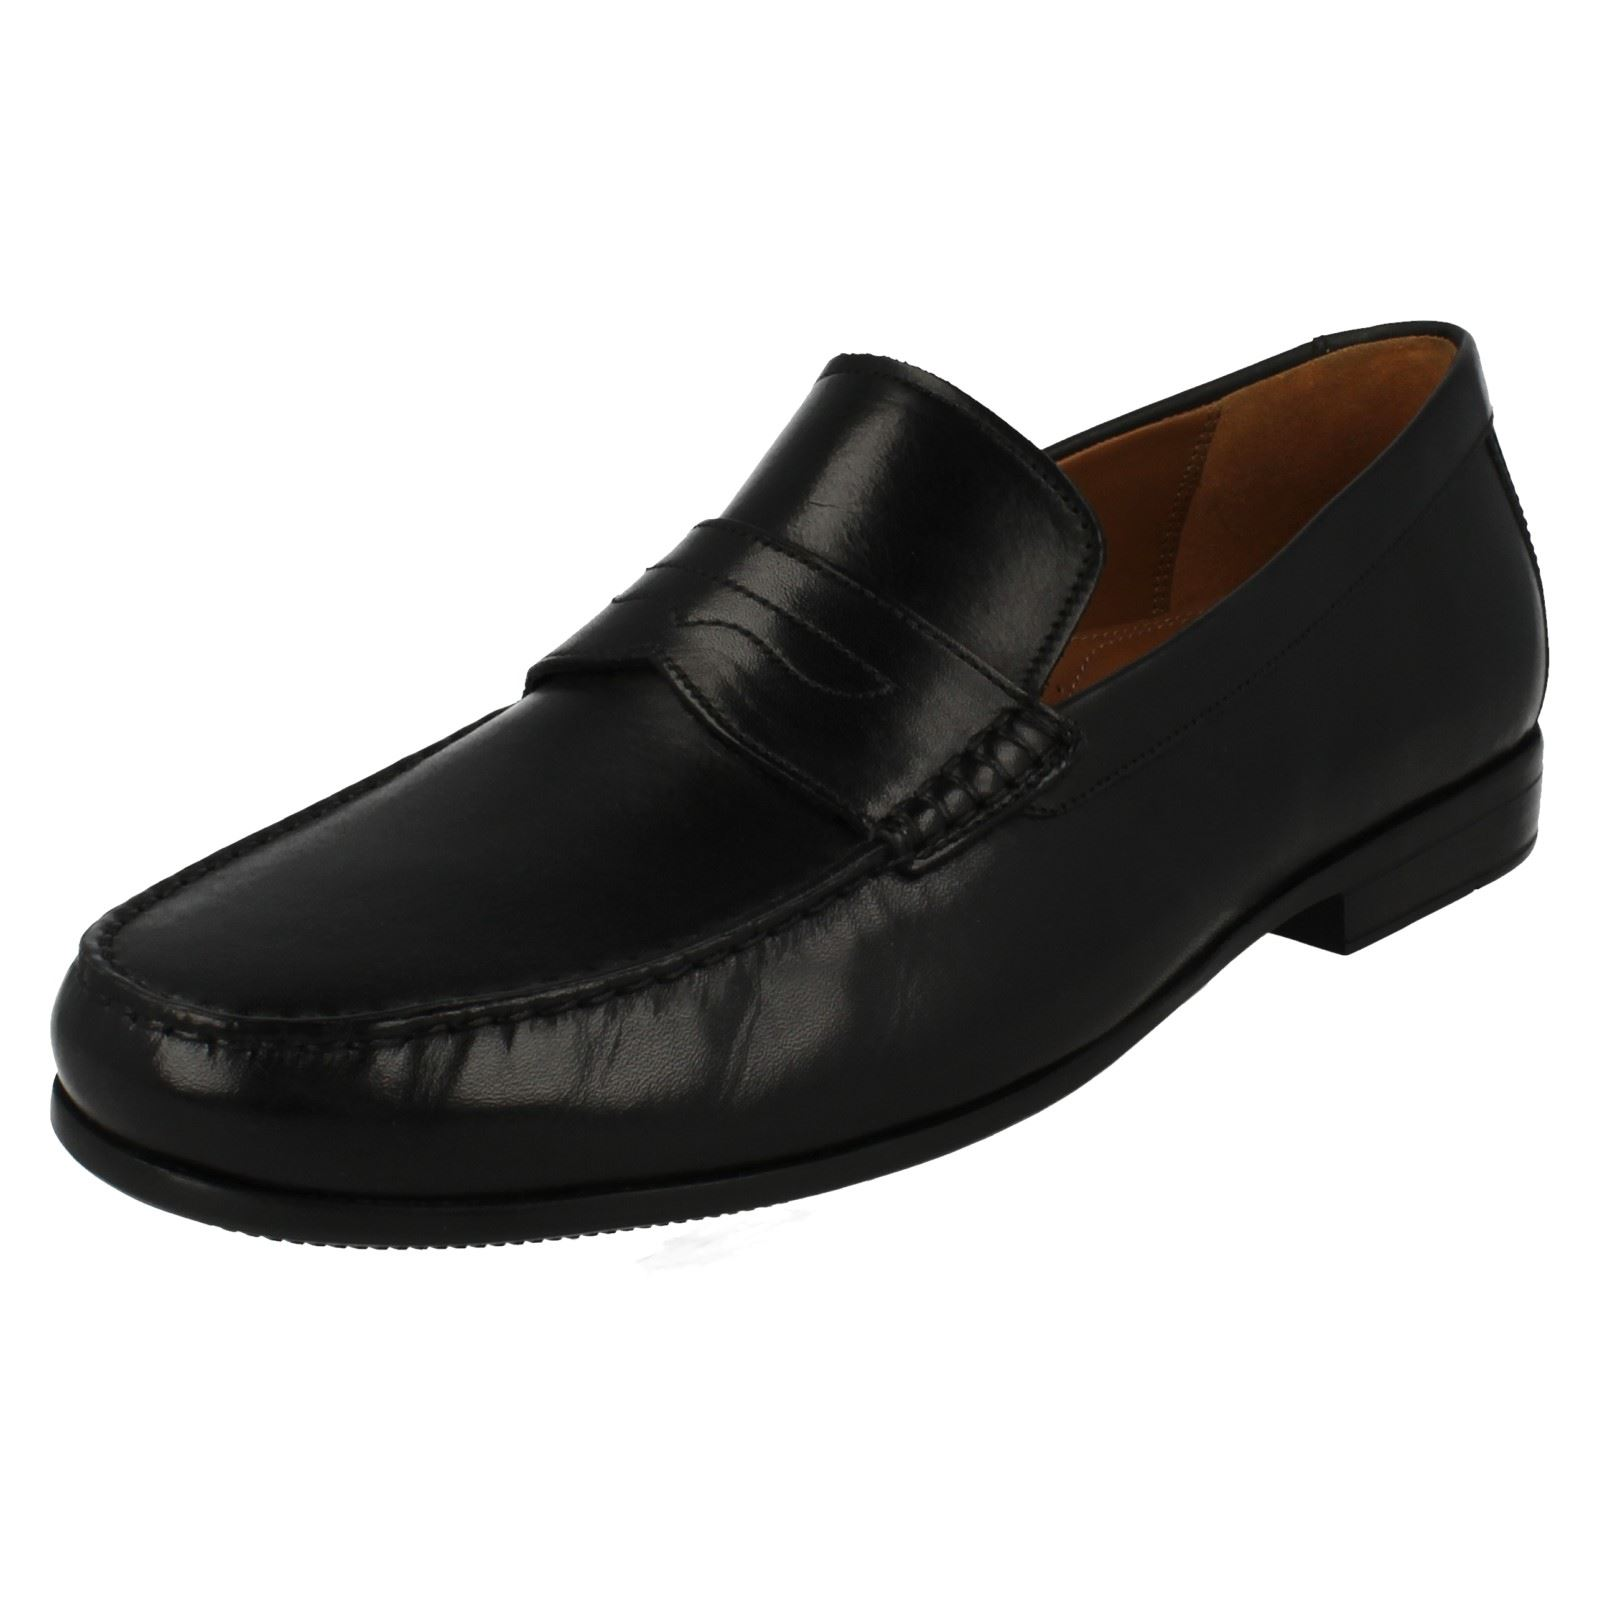 en Clarks Lane hombre de zapatos Clarks cuero formales Claude estilo para mocasín negro q6rCTwPIx6